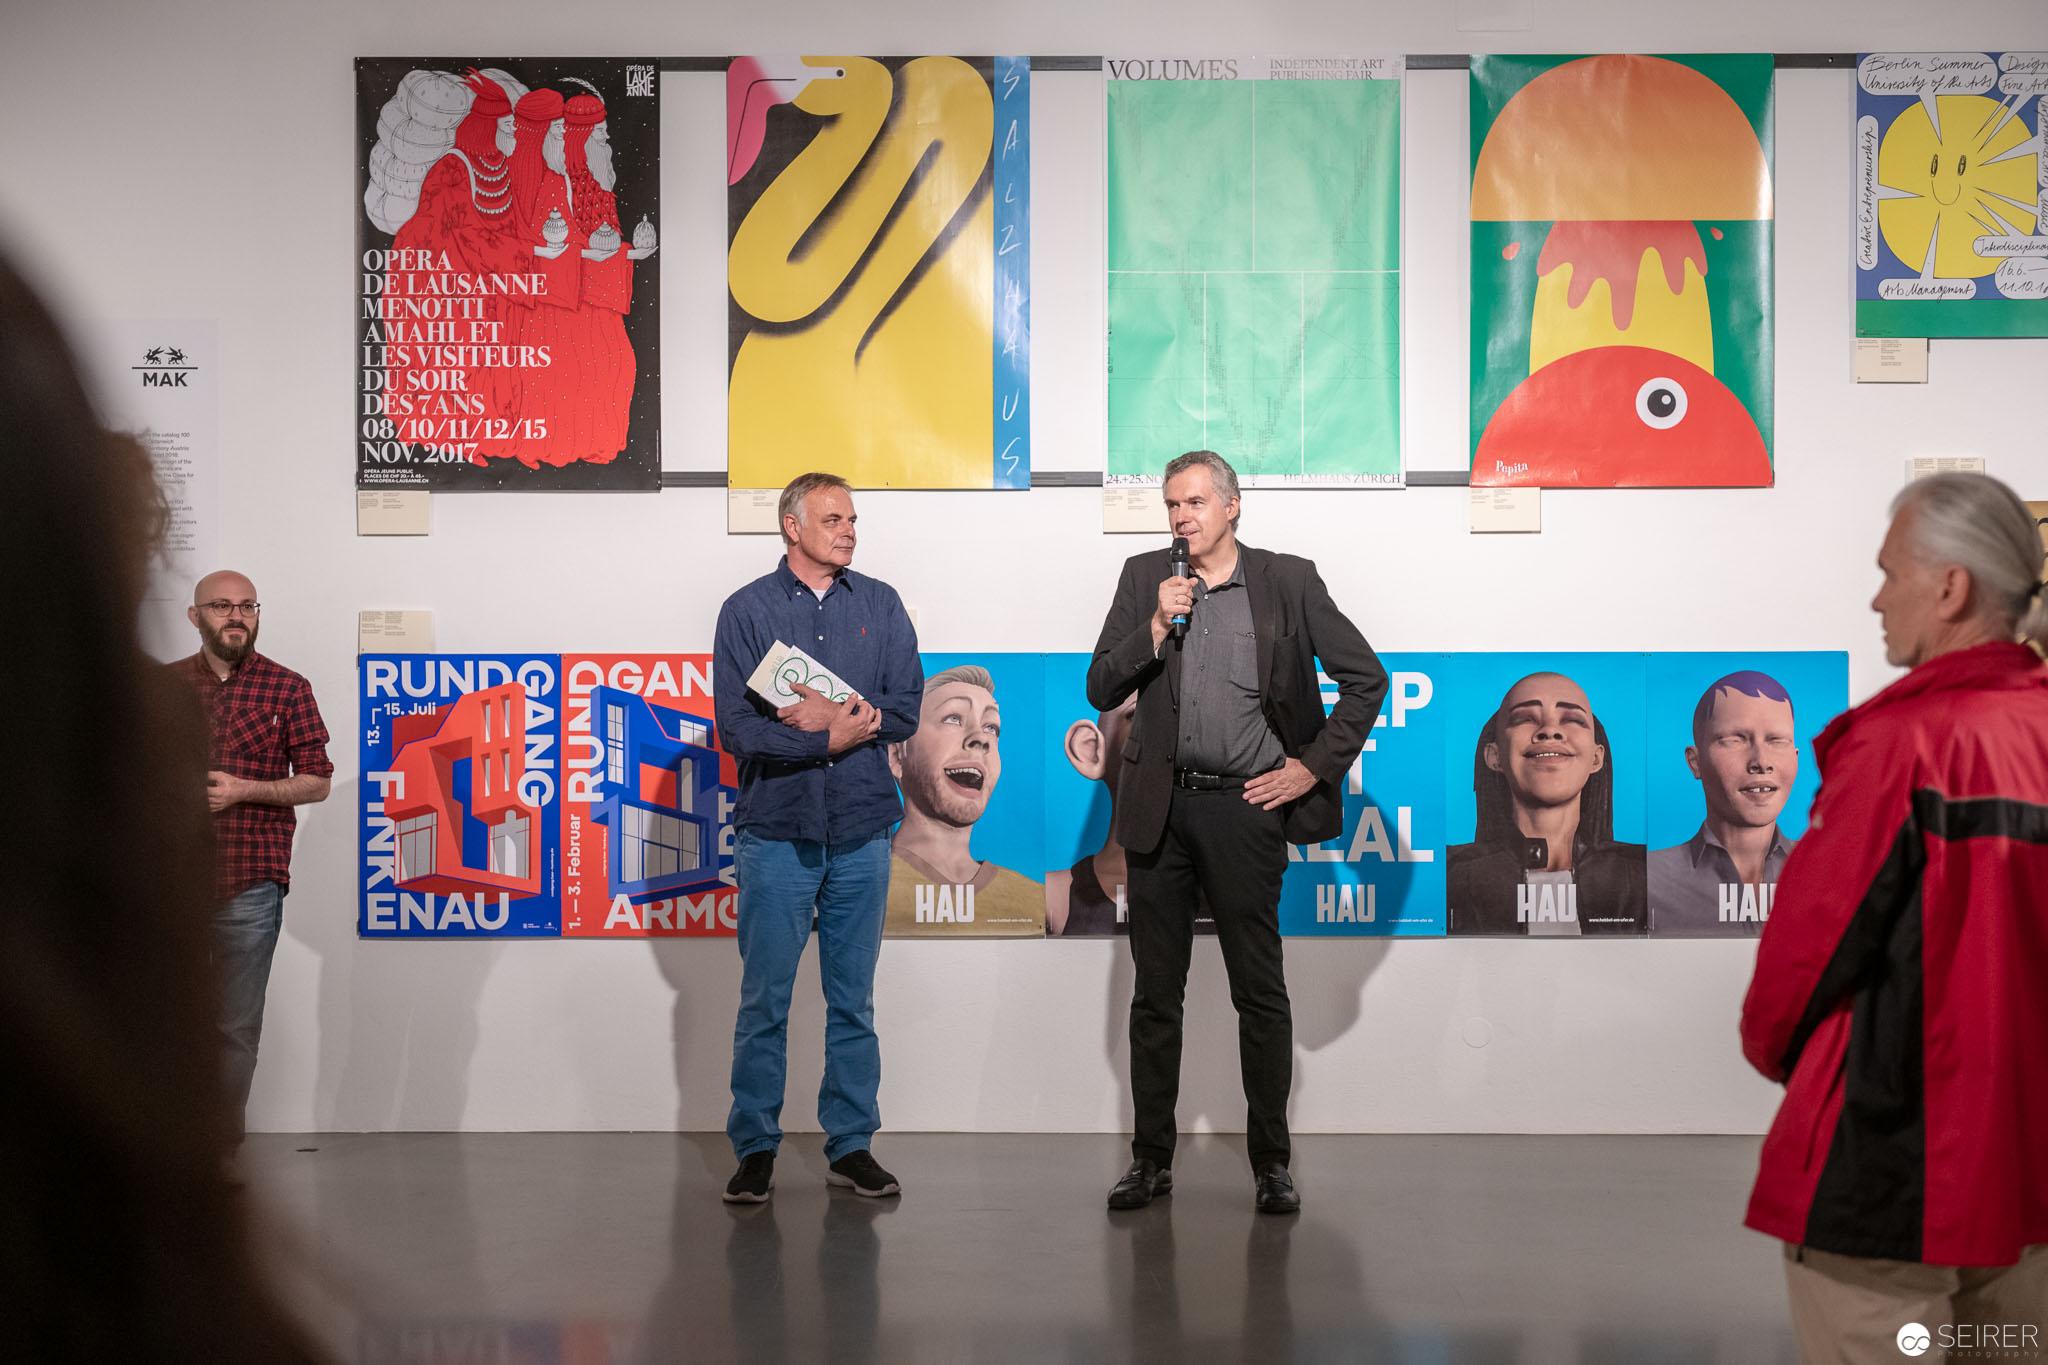 """Pressekonferenz Eröffnung """"100 BESTE PLAKATE 17"""" mit Christoph Thun-Hohenstein (re) und Peter Klinger (li)"""